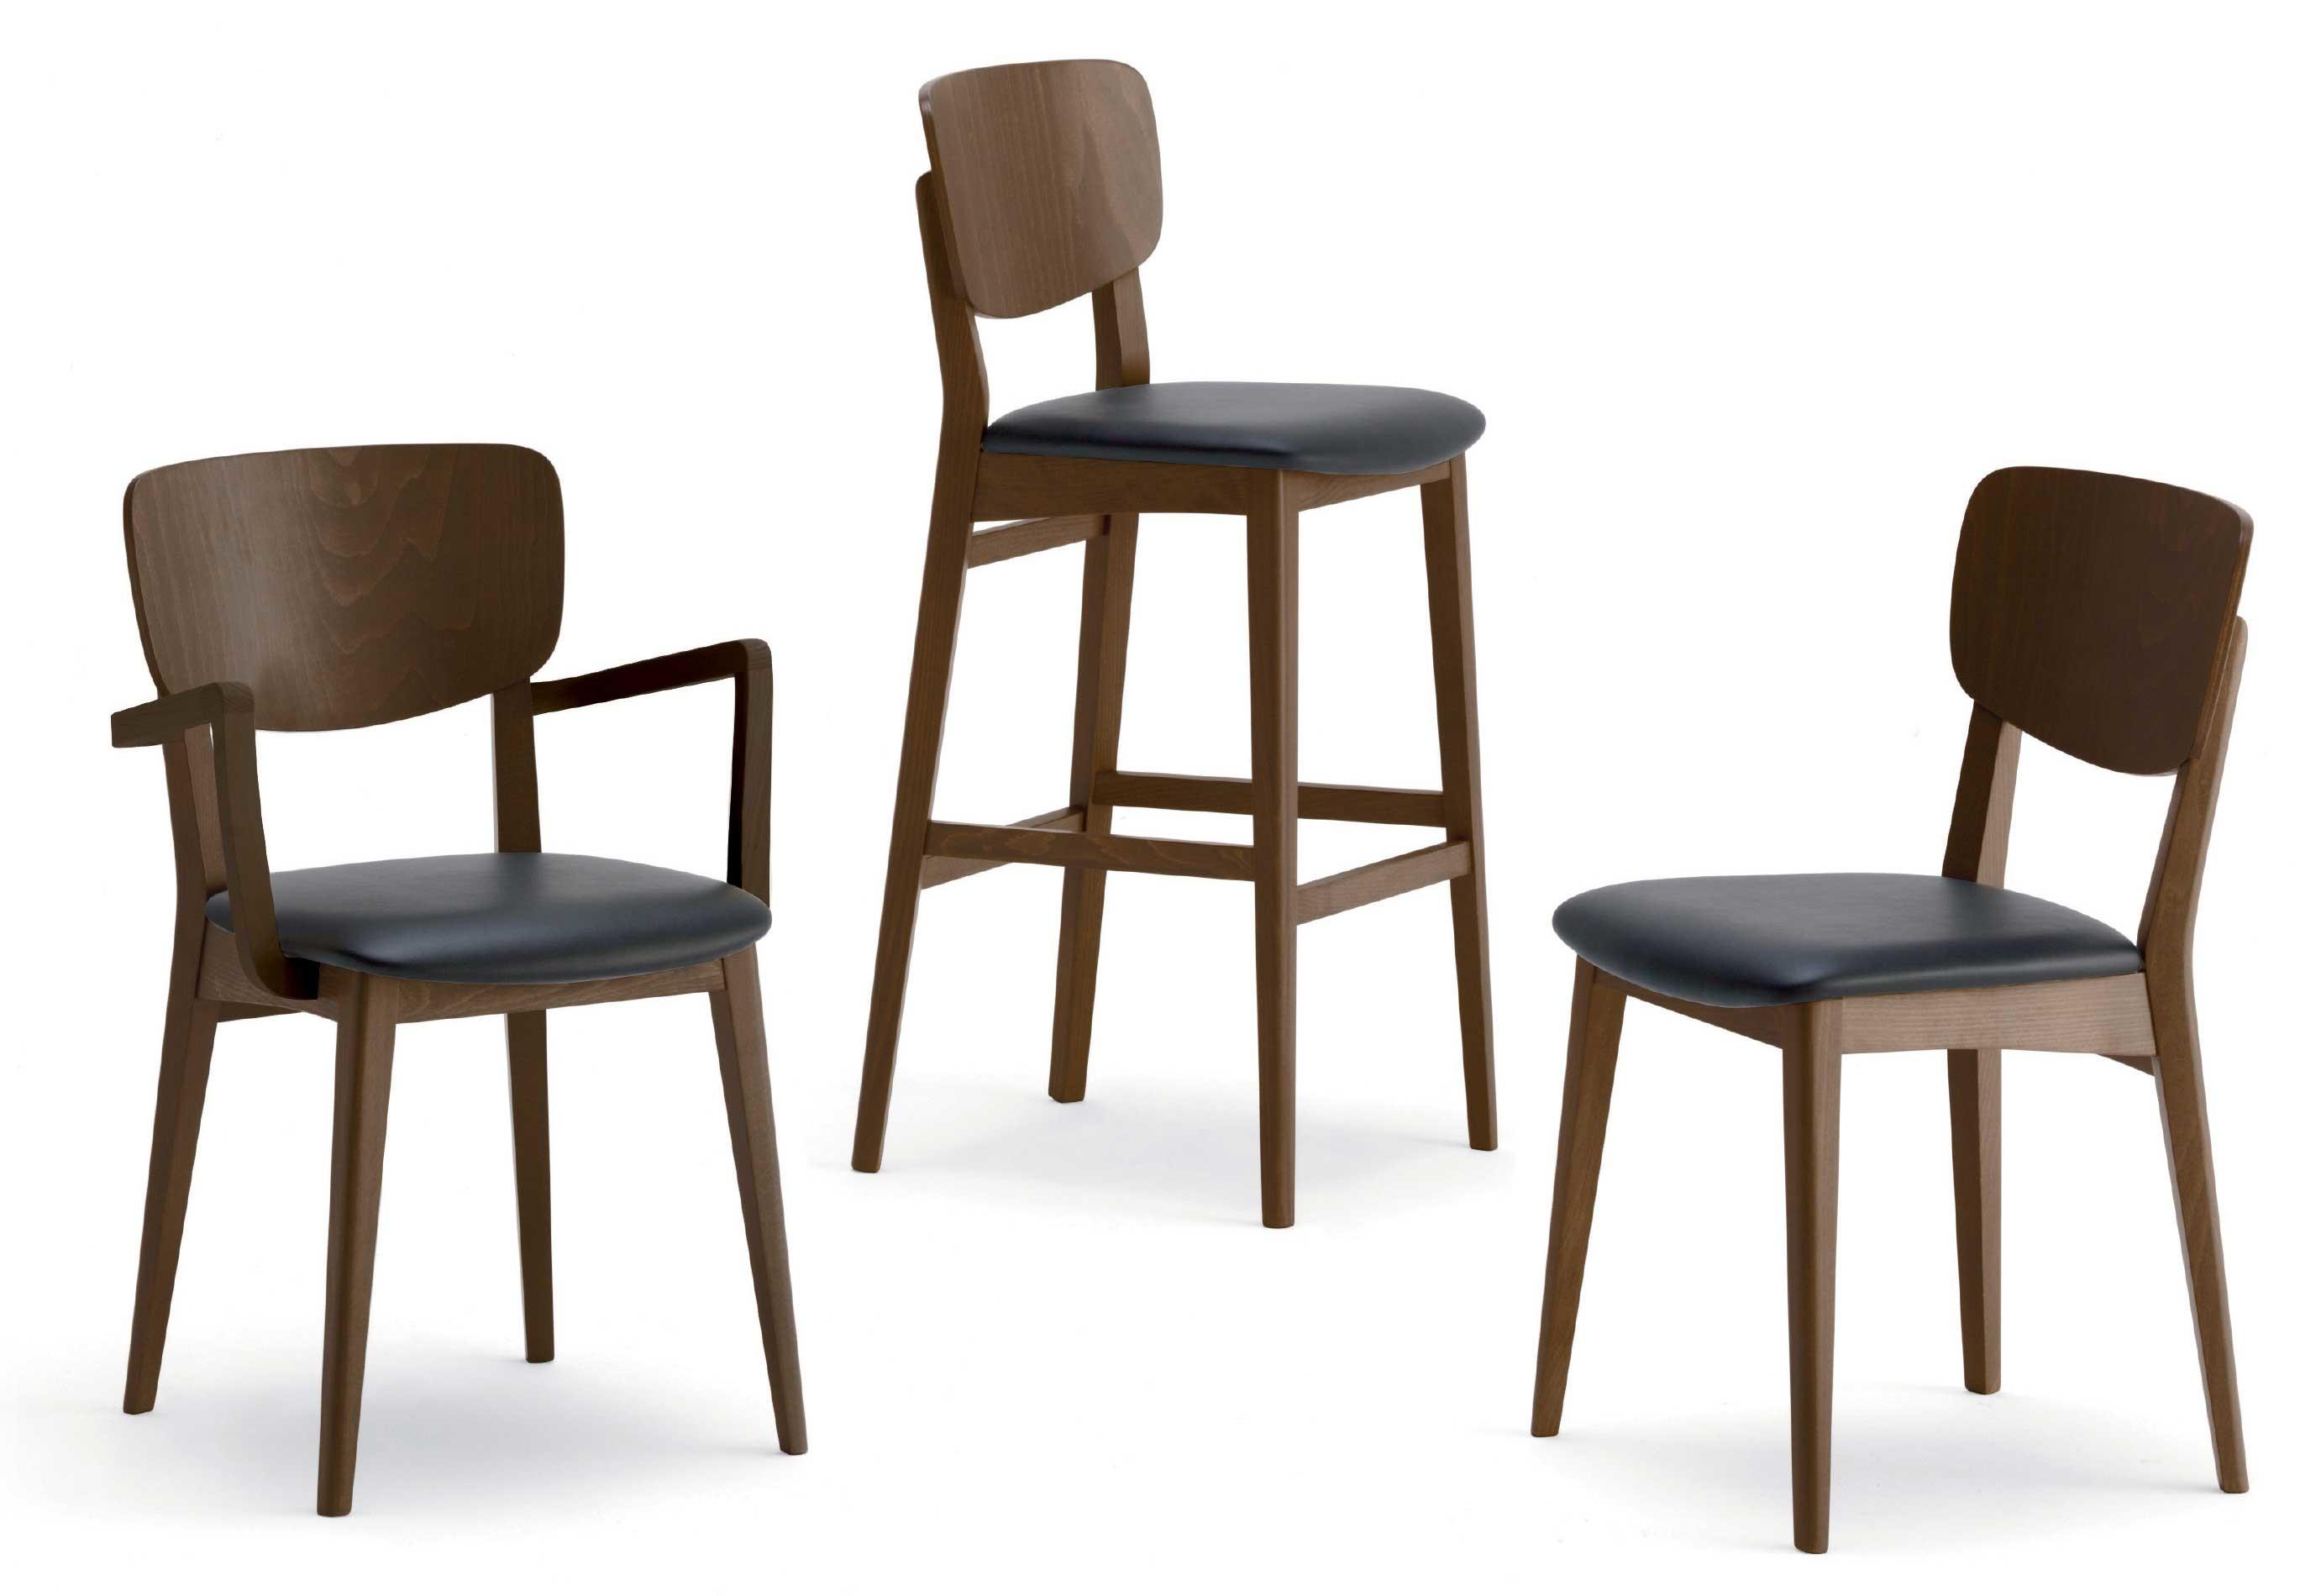 Sedie In Legno Imbottite.Anja Sedia In Legno Seduta Imbottita O In Massello Agape Forniture